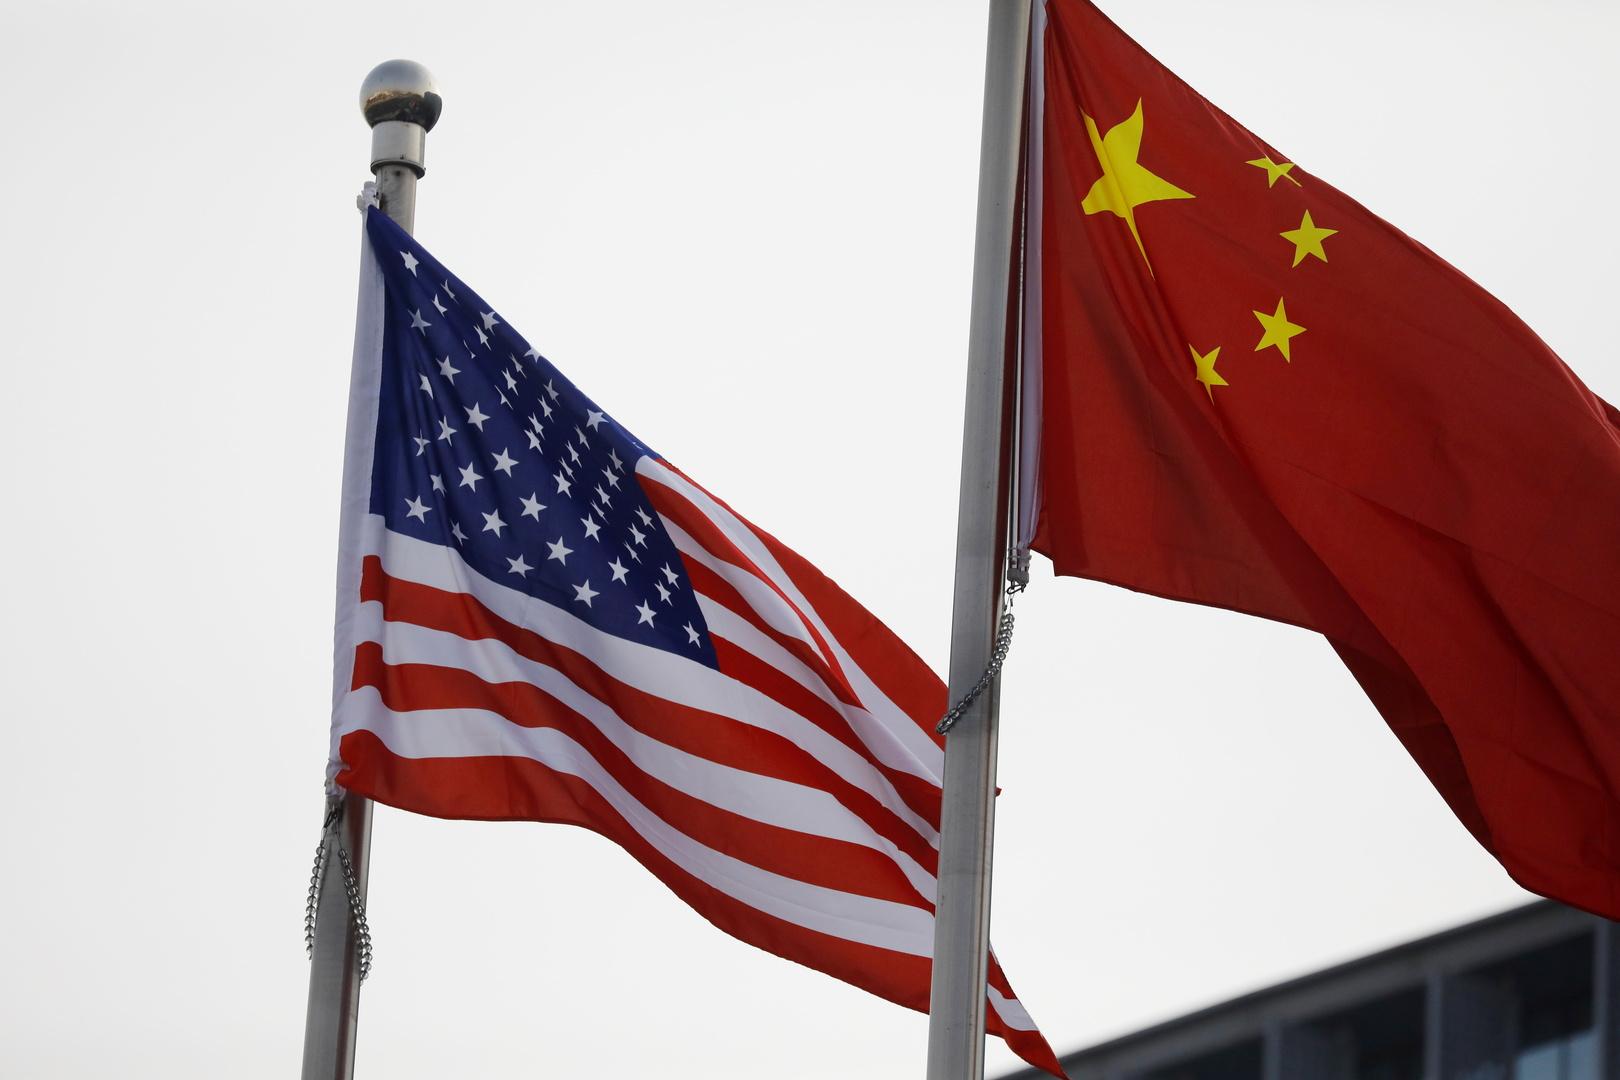 يصعب على الولايات المتحدة الحد من التسلح دون خطوات مماثلة من الصين